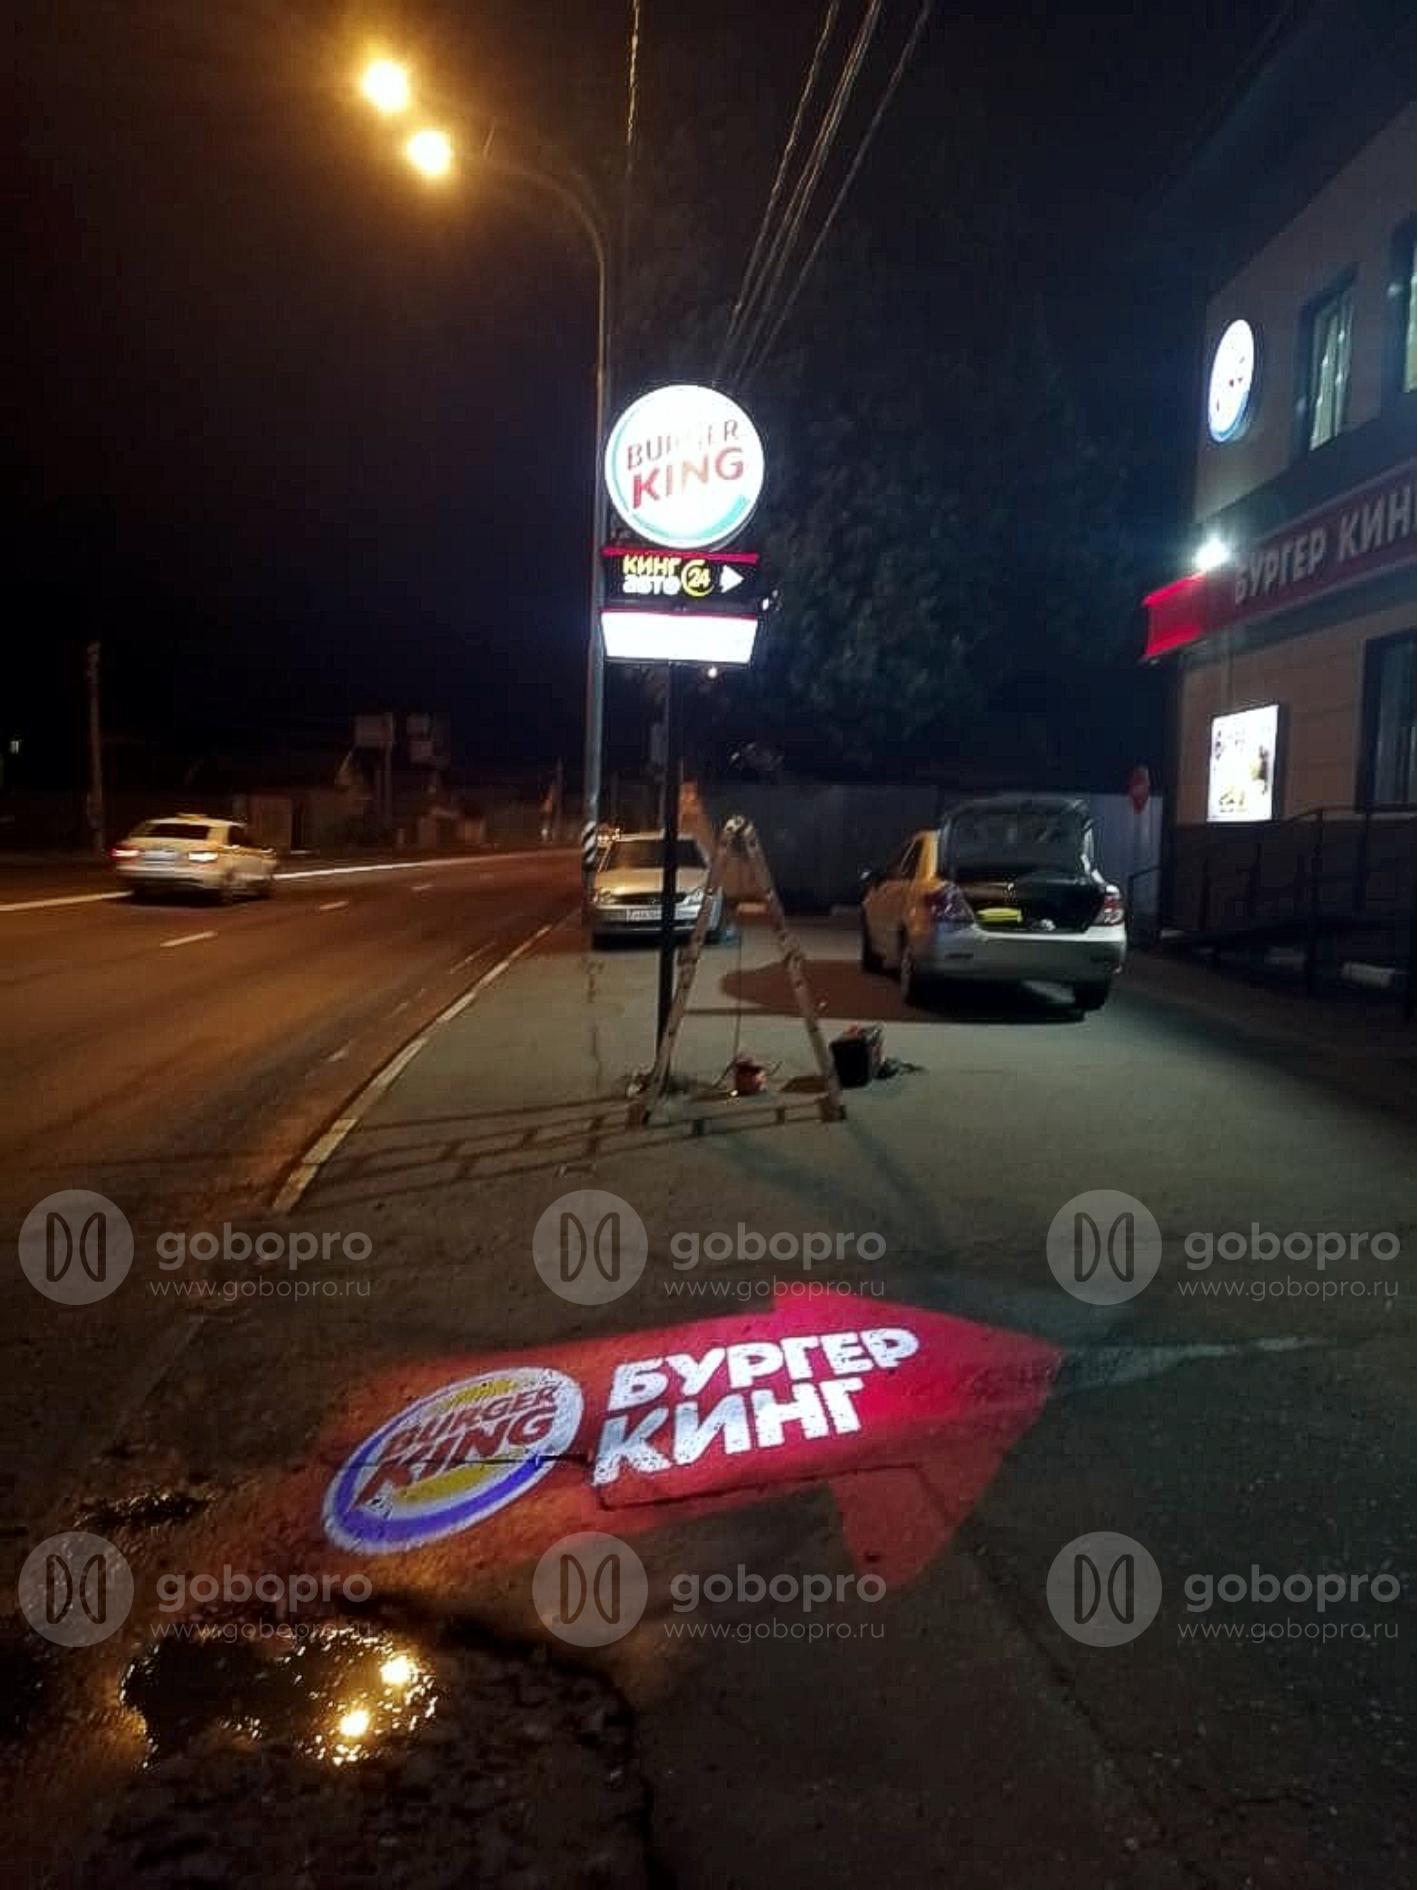 Burger King 9